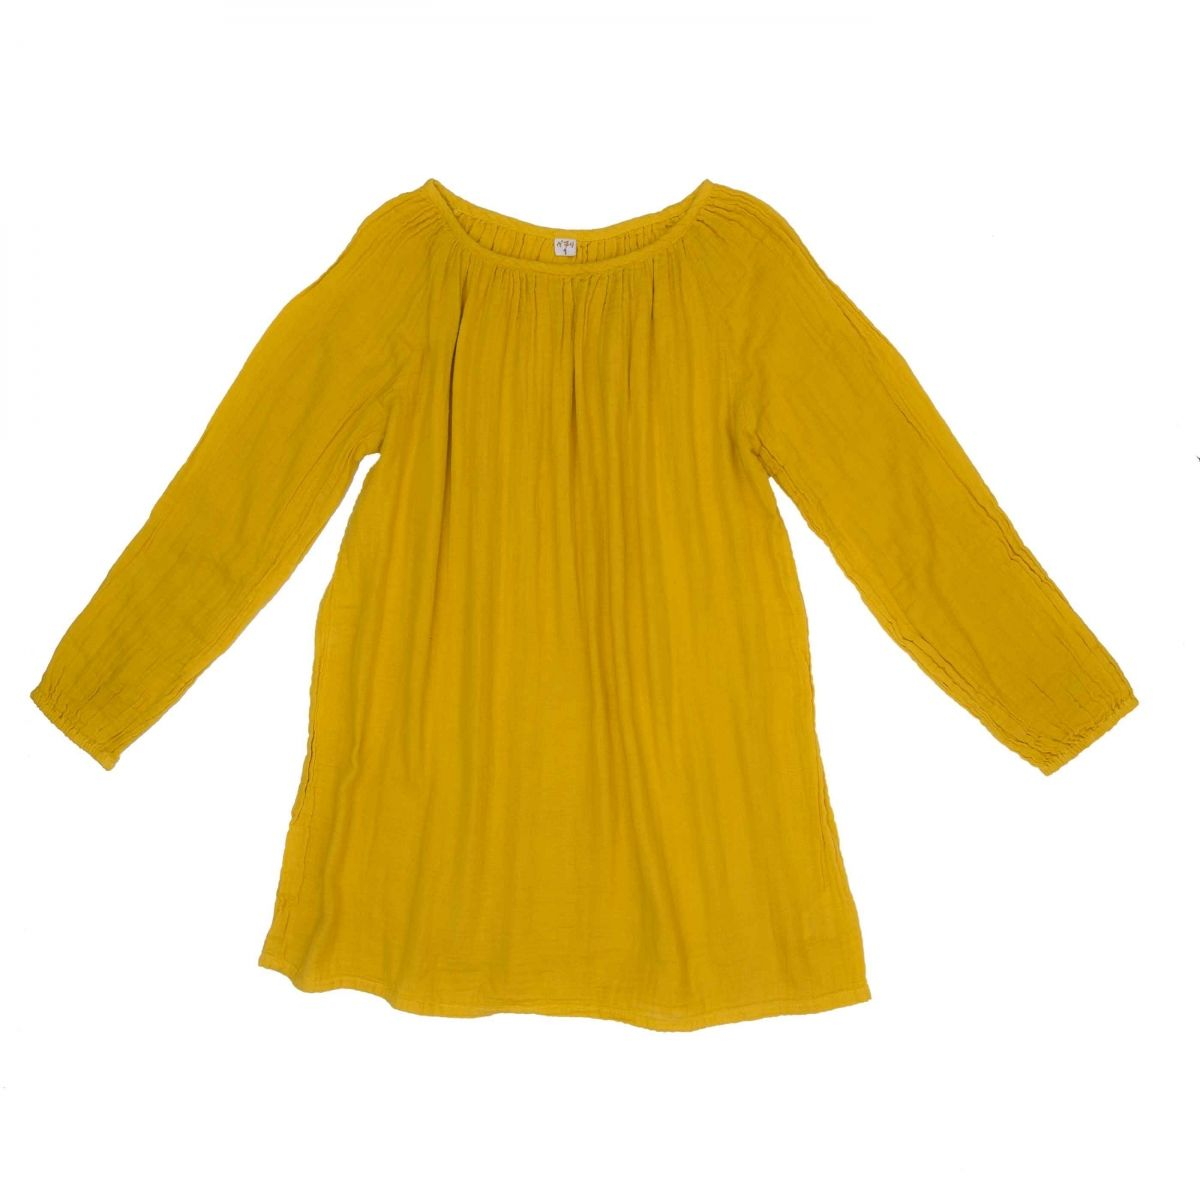 Tunic for mum Nina sunflower yellow - Numero 74